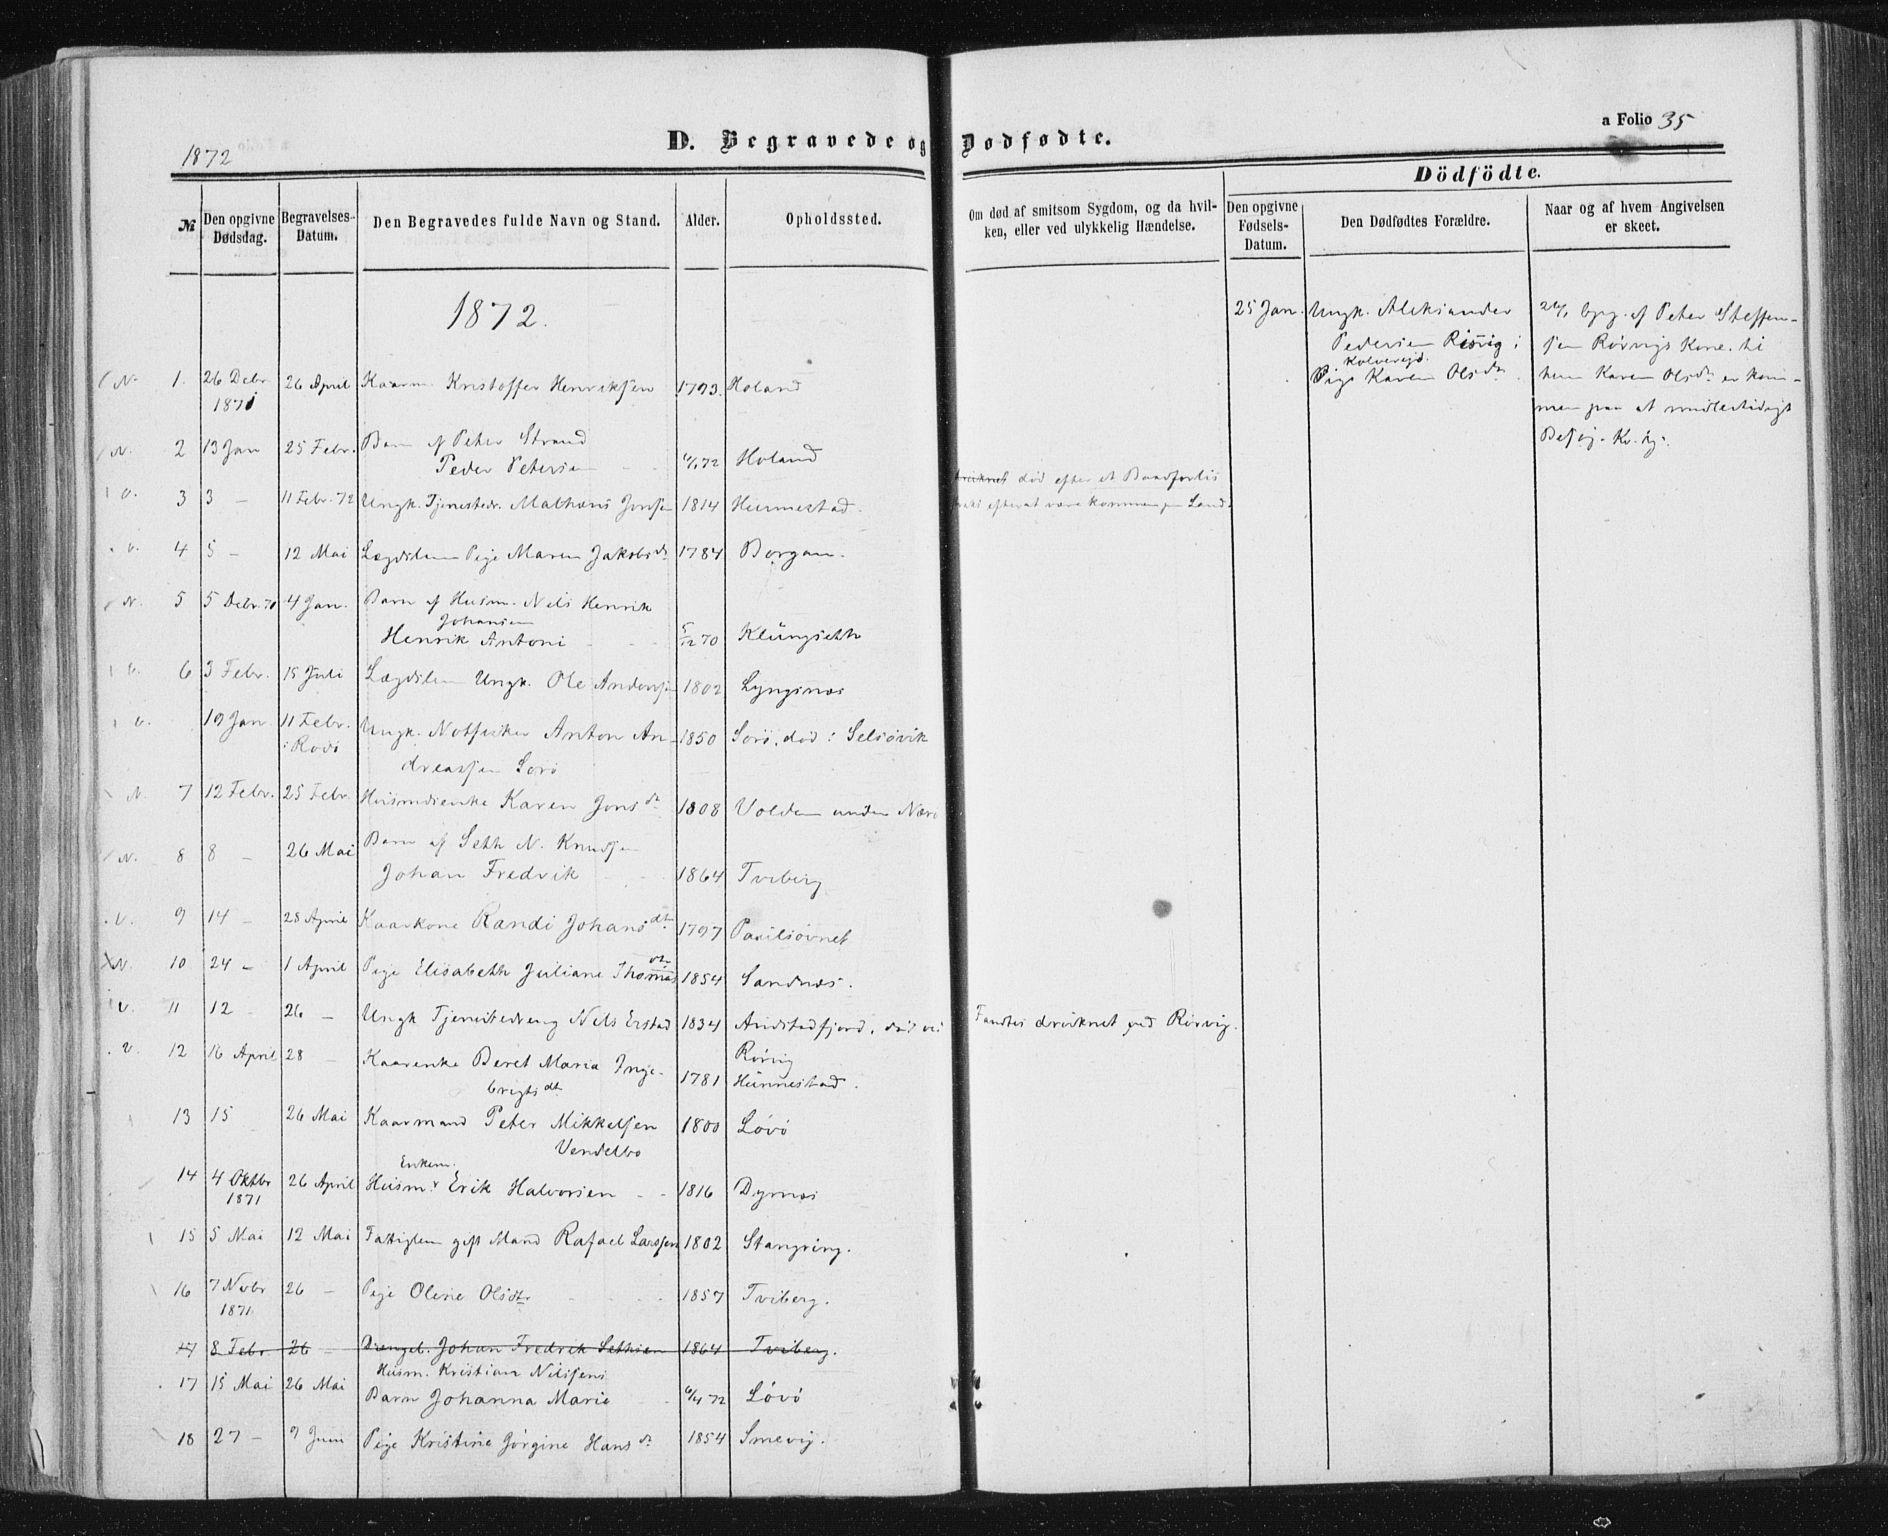 SAT, Ministerialprotokoller, klokkerbøker og fødselsregistre - Nord-Trøndelag, 784/L0670: Ministerialbok nr. 784A05, 1860-1876, s. 35